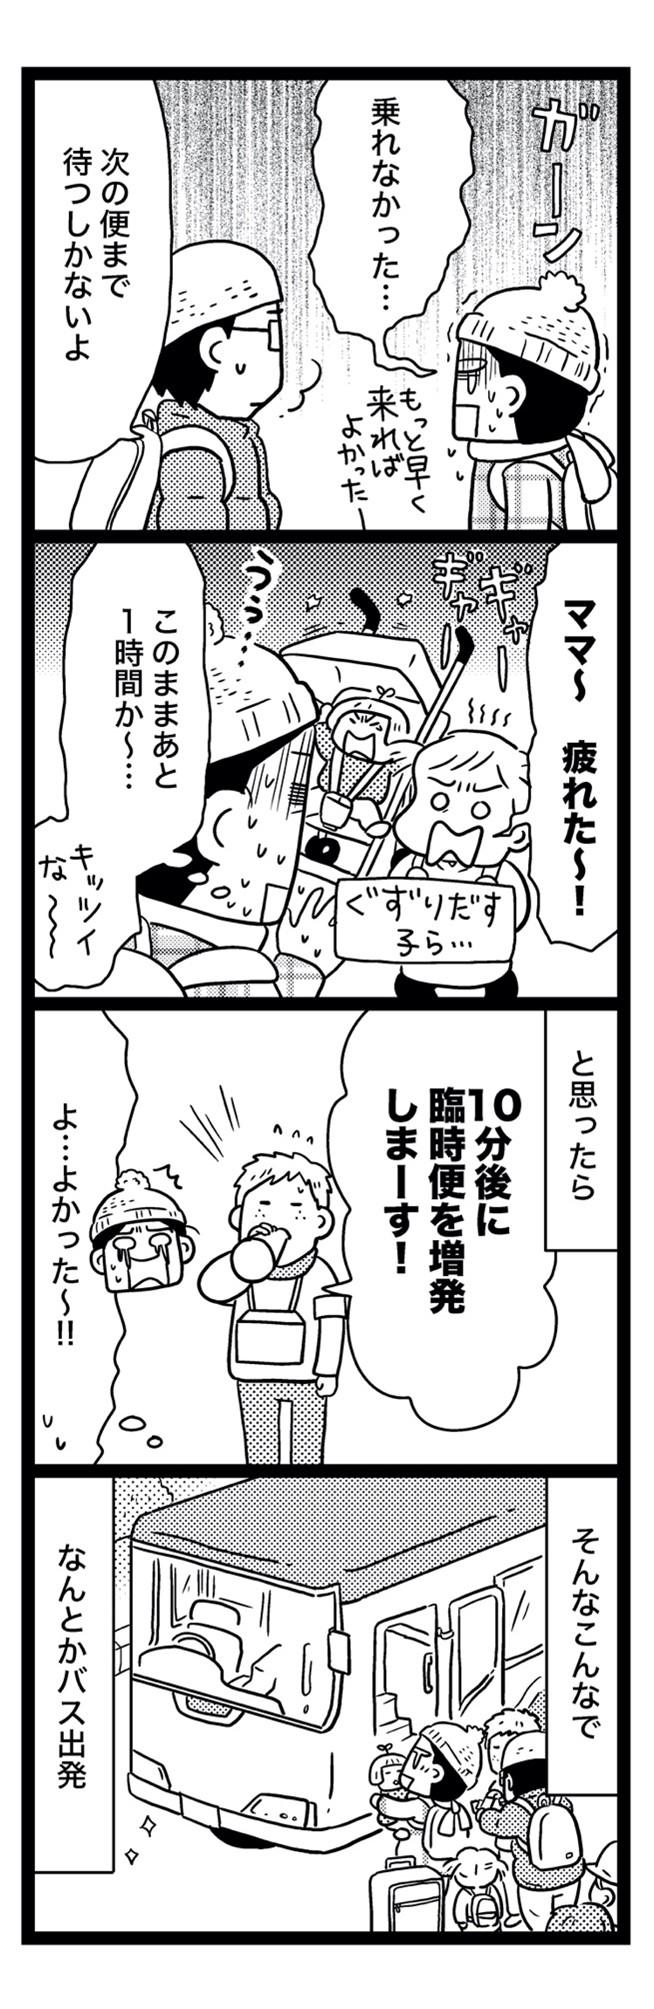 sinsai5-5